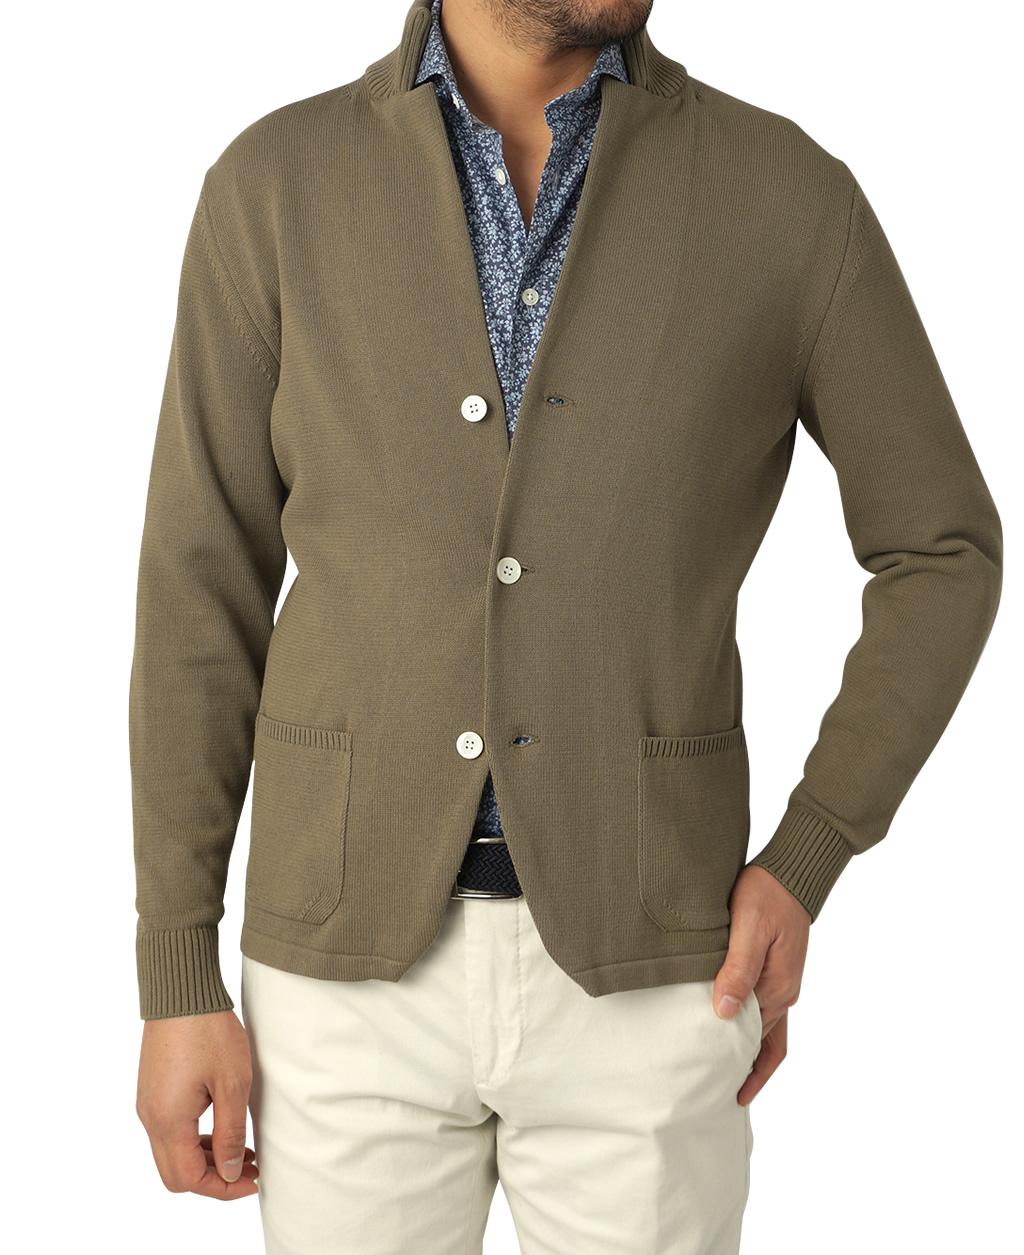 強撚コットンニットジャケット(M ブラウン系): メンズ   メーカーズシャツ鎌倉 公式通販   MAKER'S SHIRT KAMAKURA